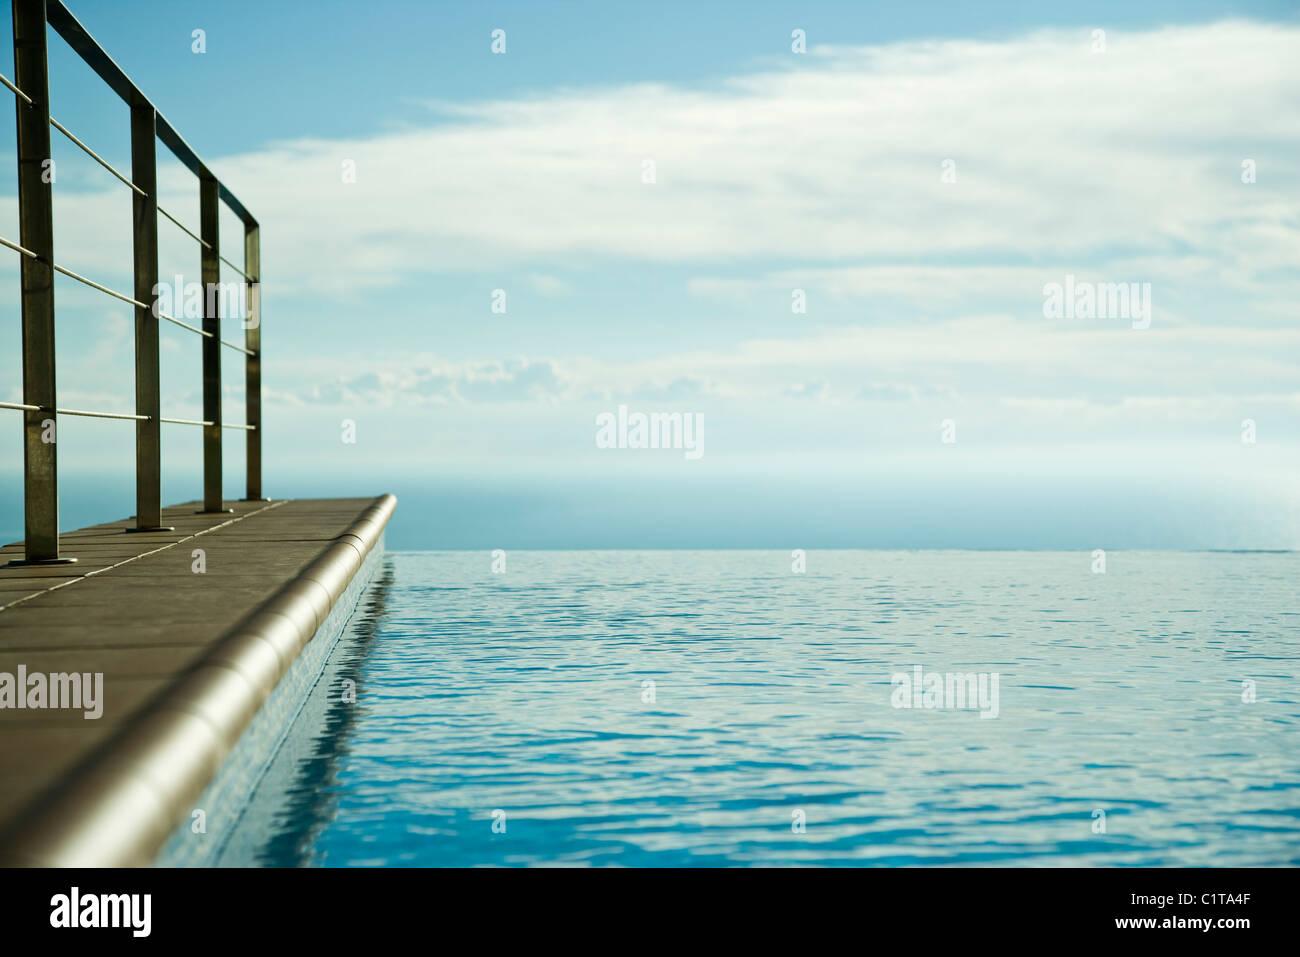 Infinity pool - Stock Image